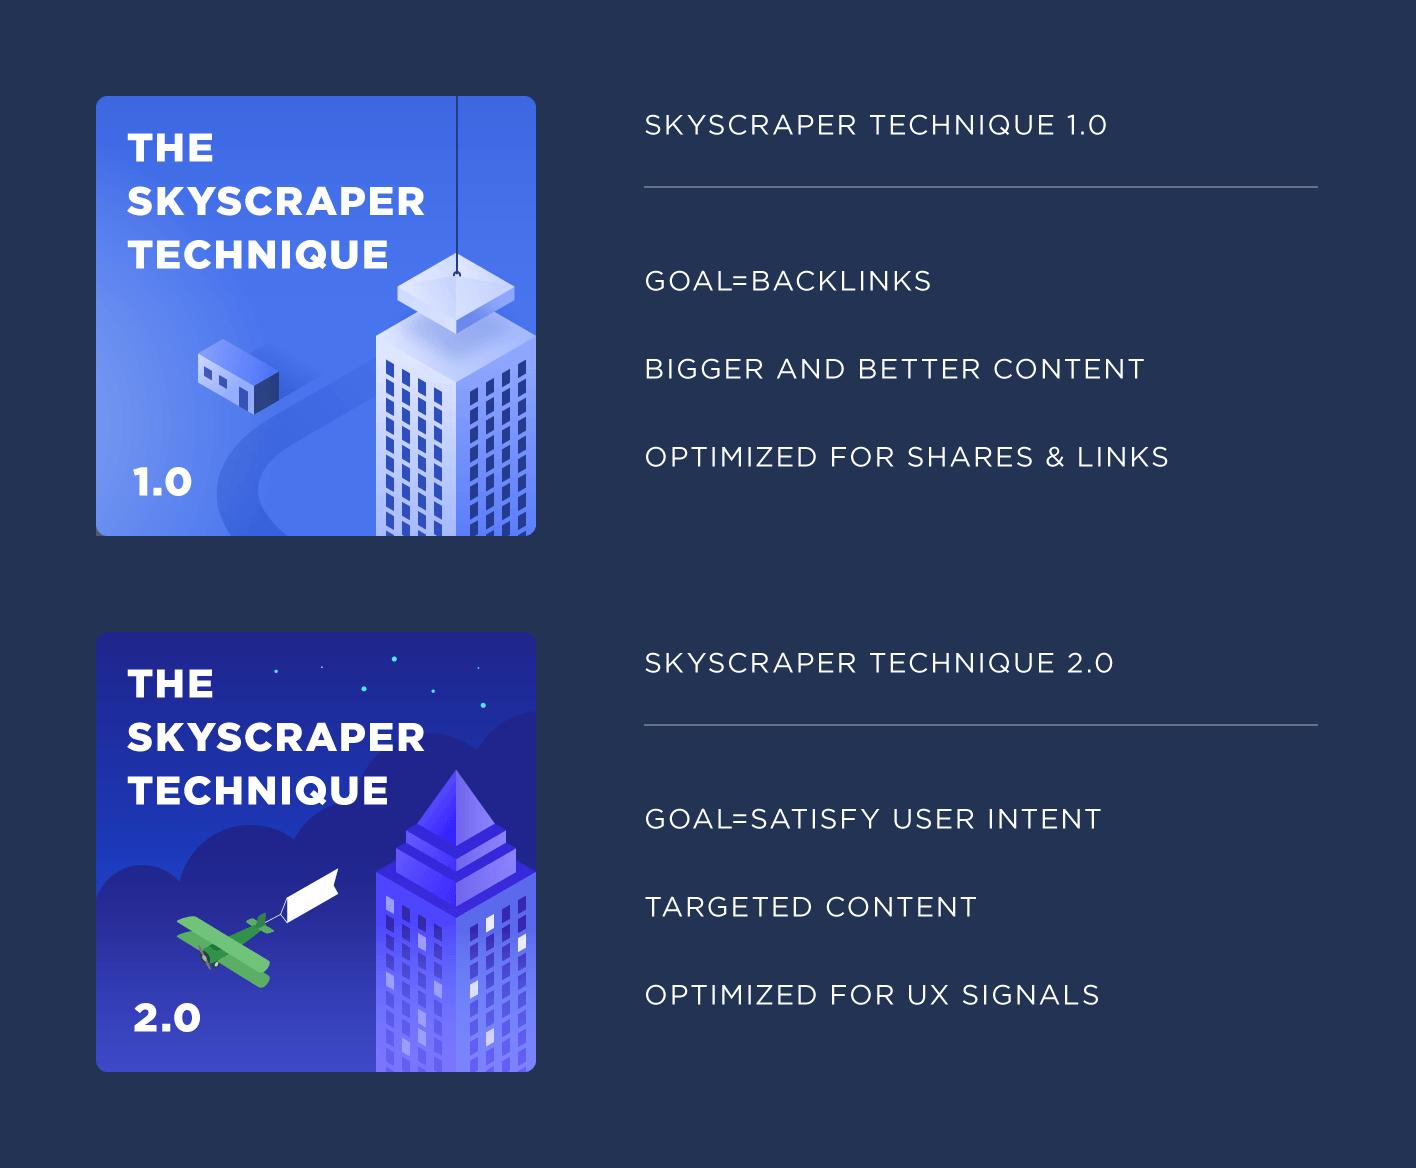 Skyscraper Techniques 1 & 2